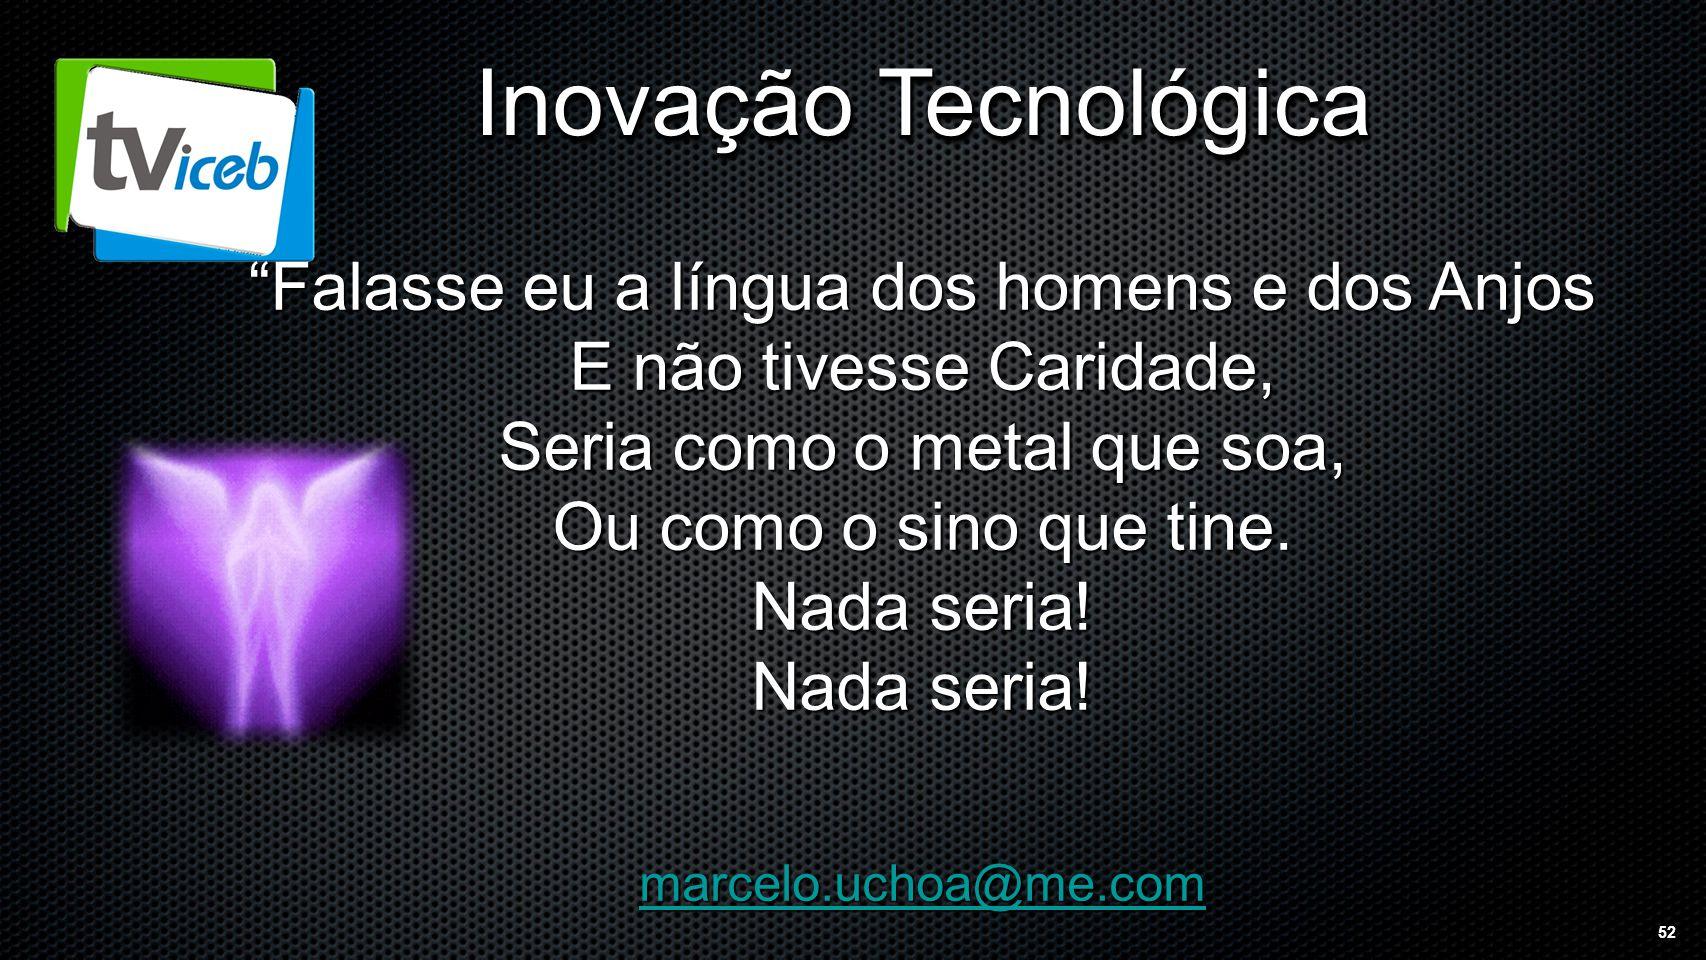 52 Inovação Tecnológica Falasse eu a língua dos homens e dos Anjos E não tivesse Caridade, Seria como o metal que soa, Ou como o sino que tine.